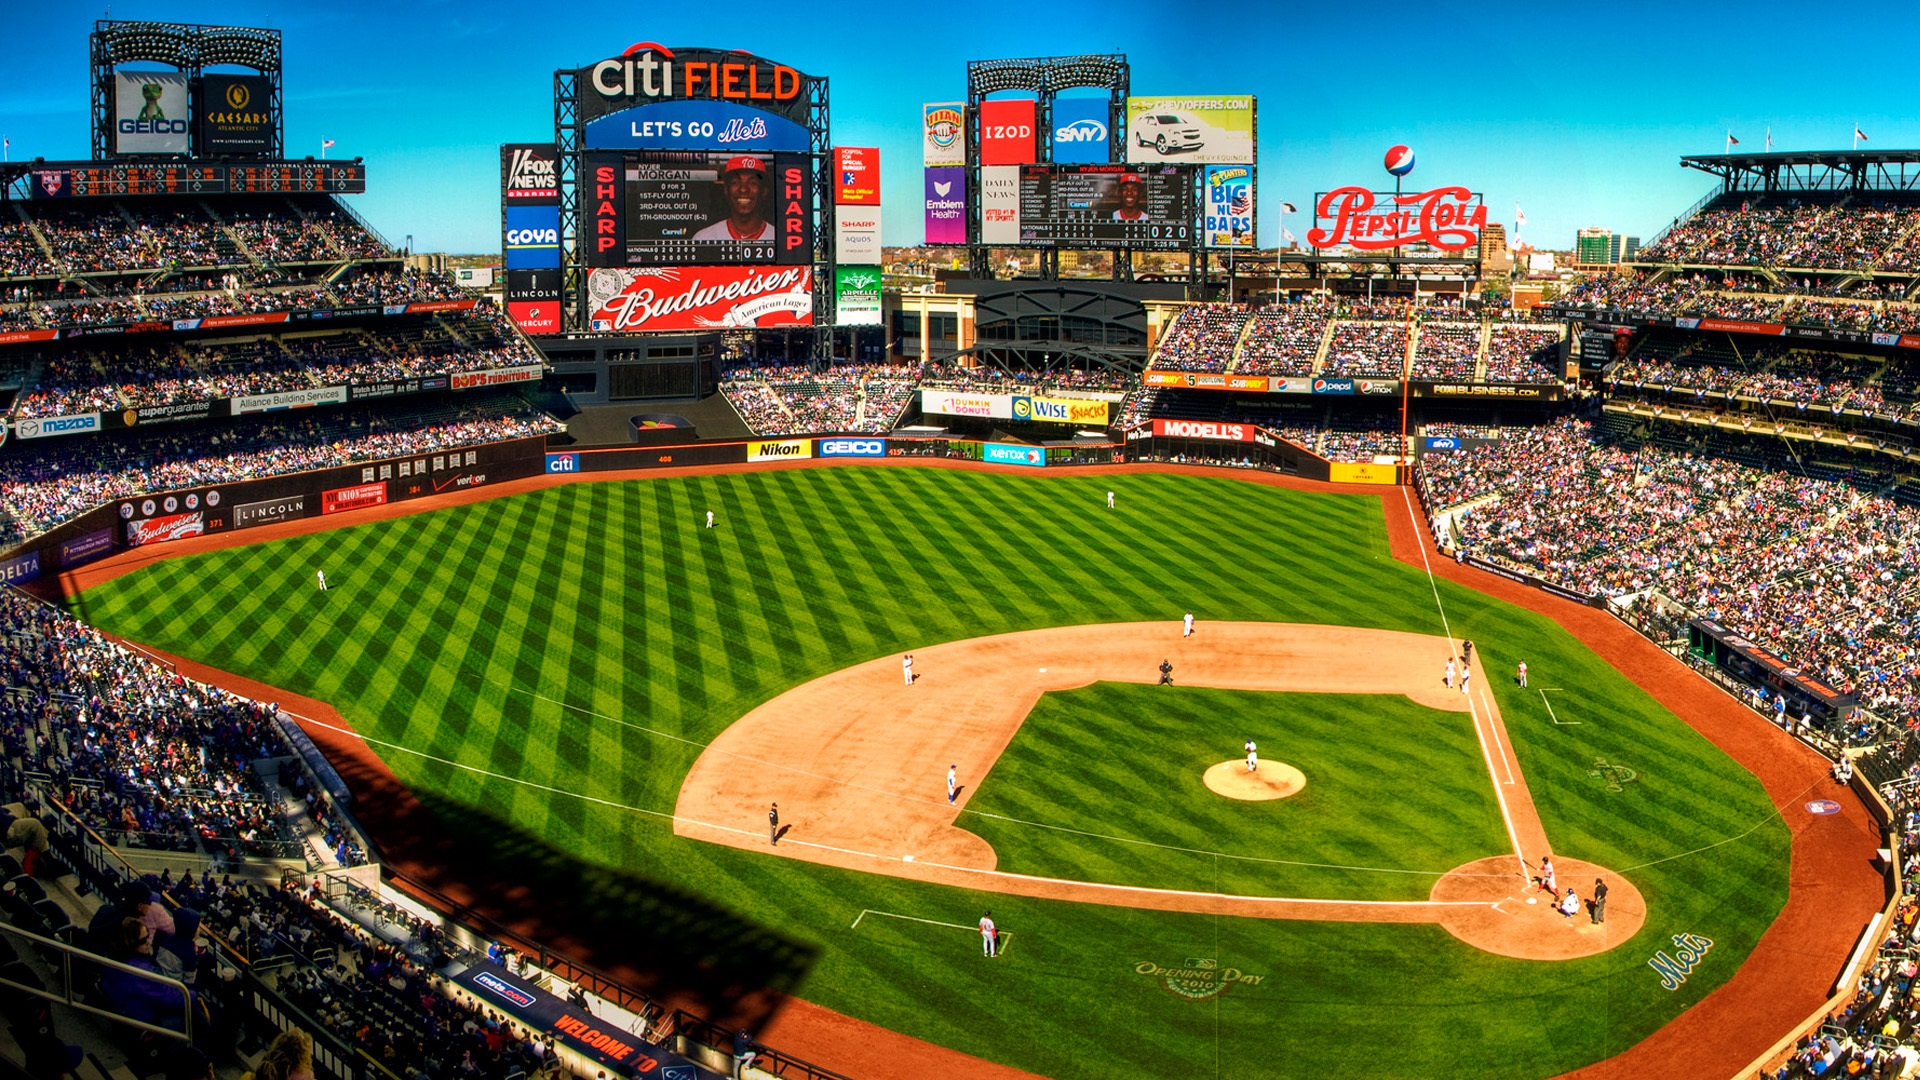 Hd wallpaper new - Terrain De Baseball New York 201 Tats Unis Fonds D 233 Cran